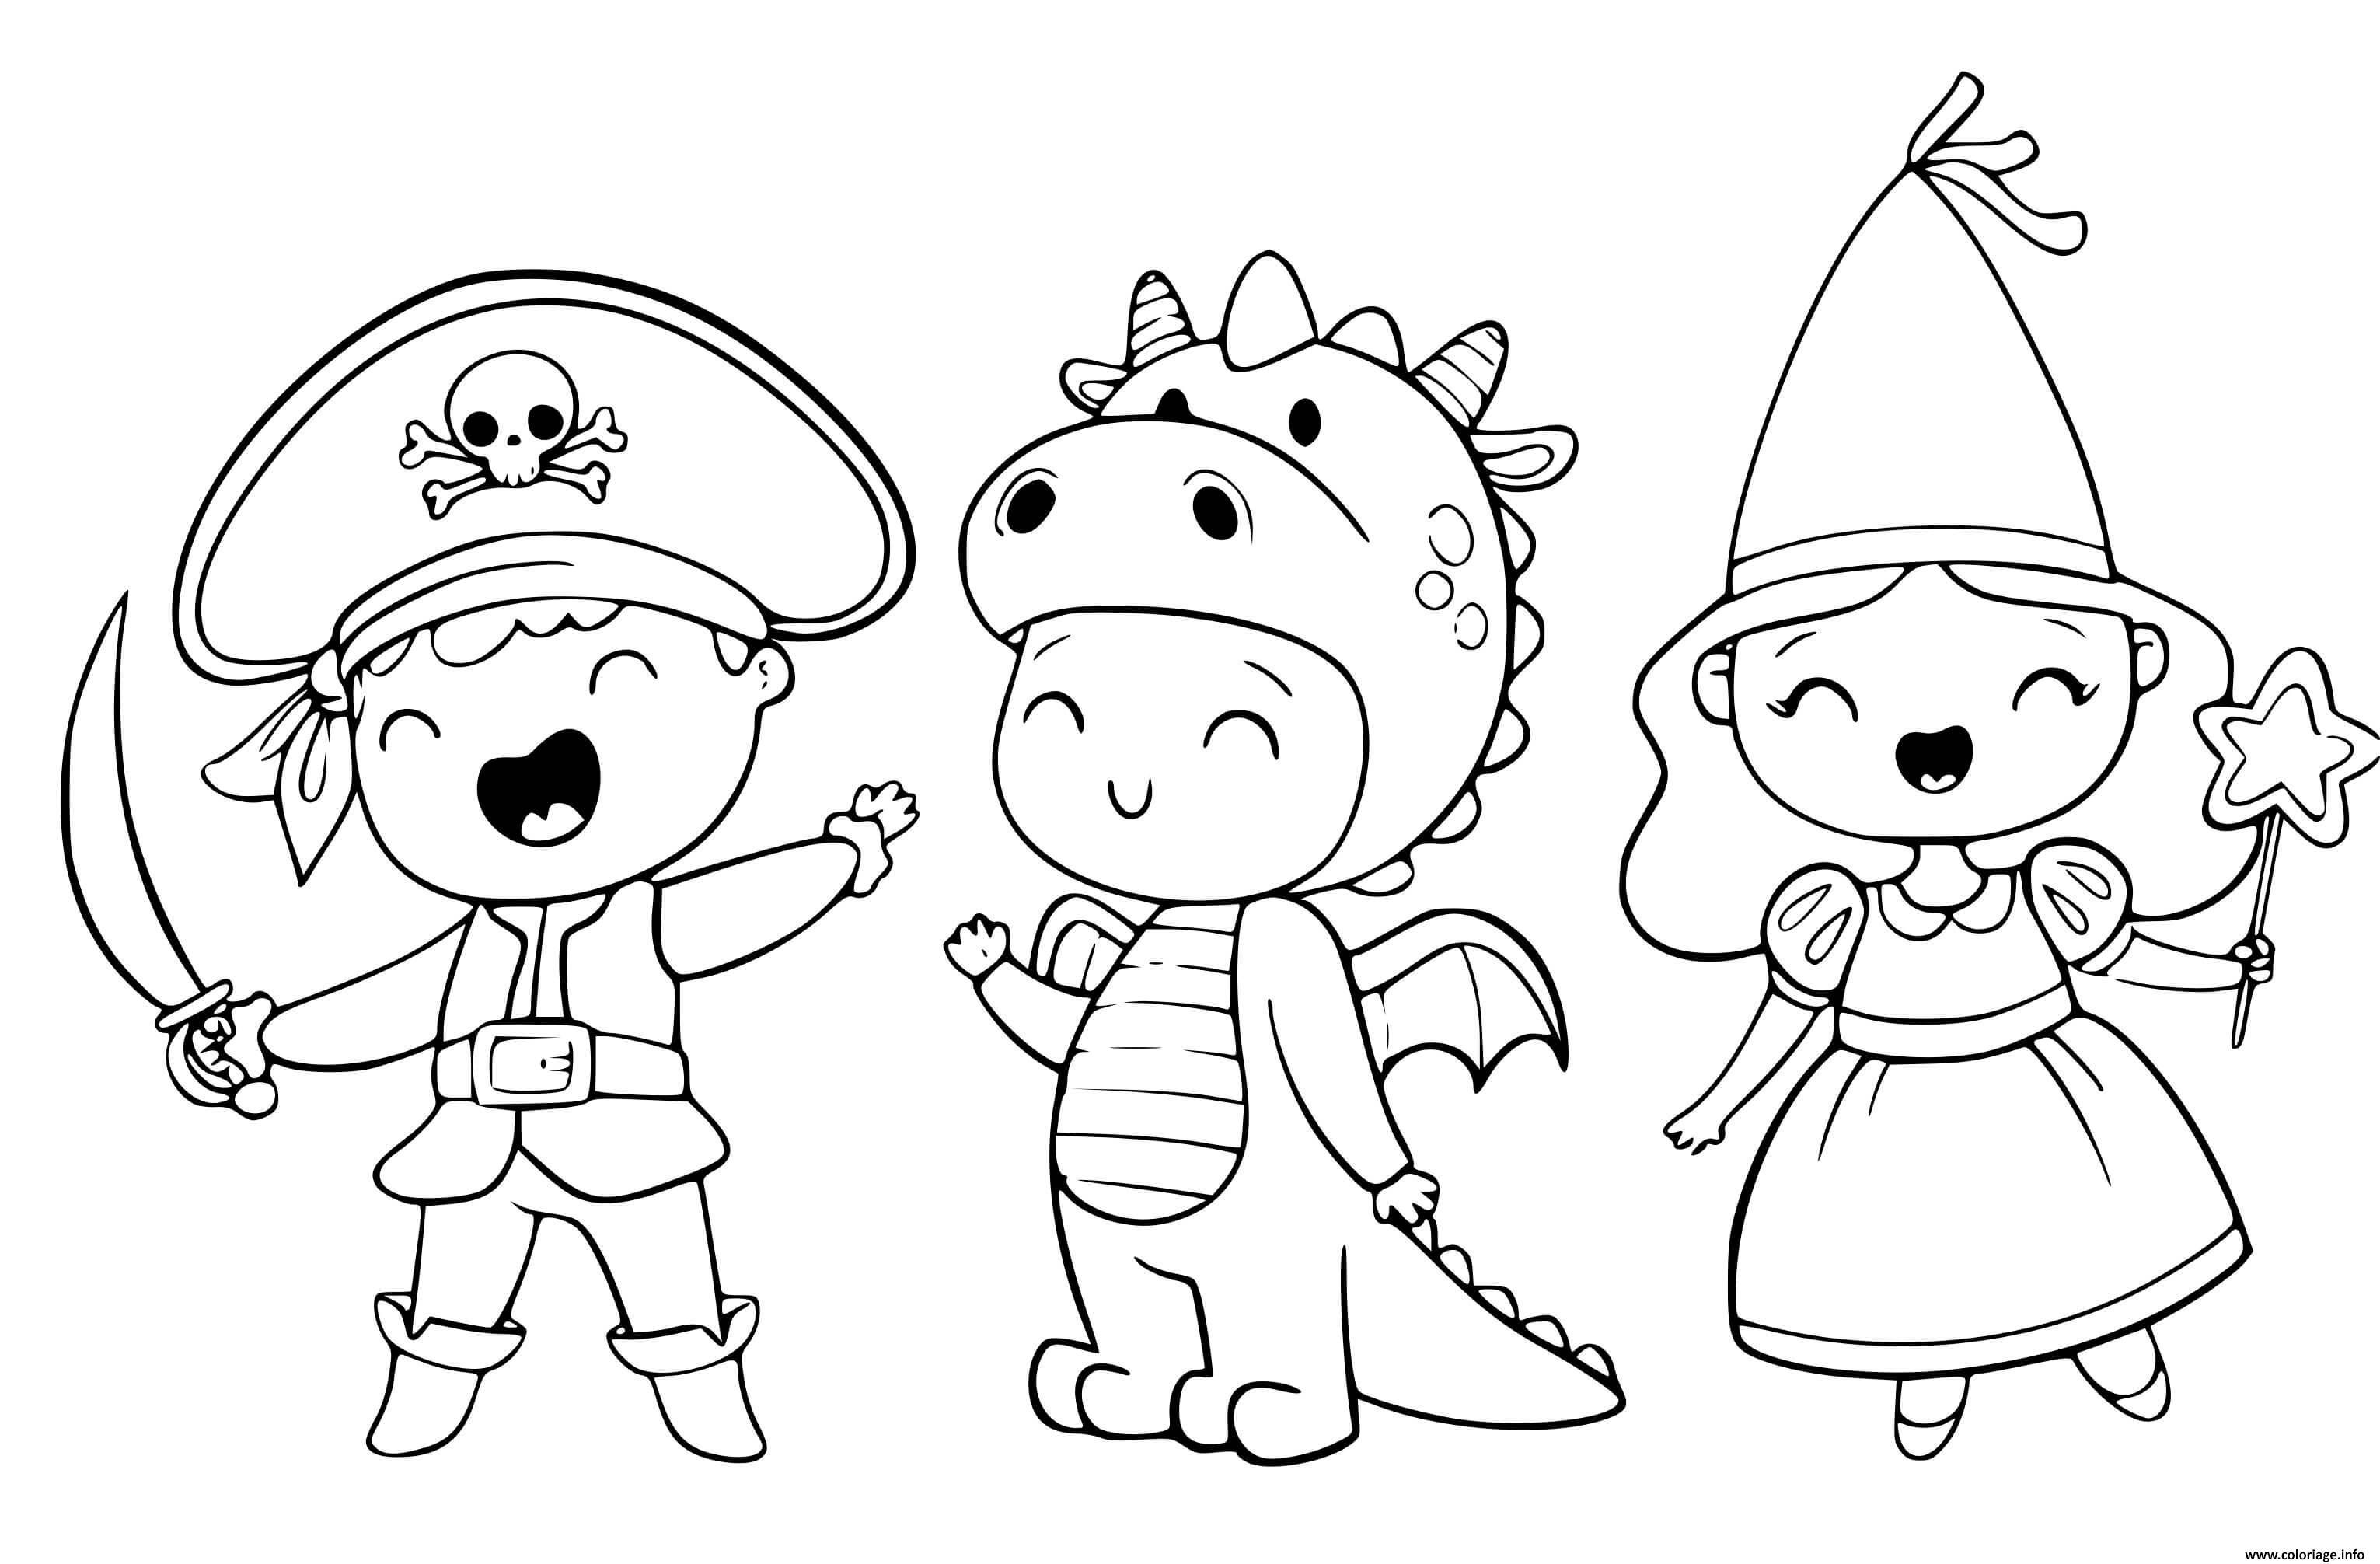 Dessin costume halloween pour enfants pirates dinosaure princesse Coloriage Gratuit à Imprimer